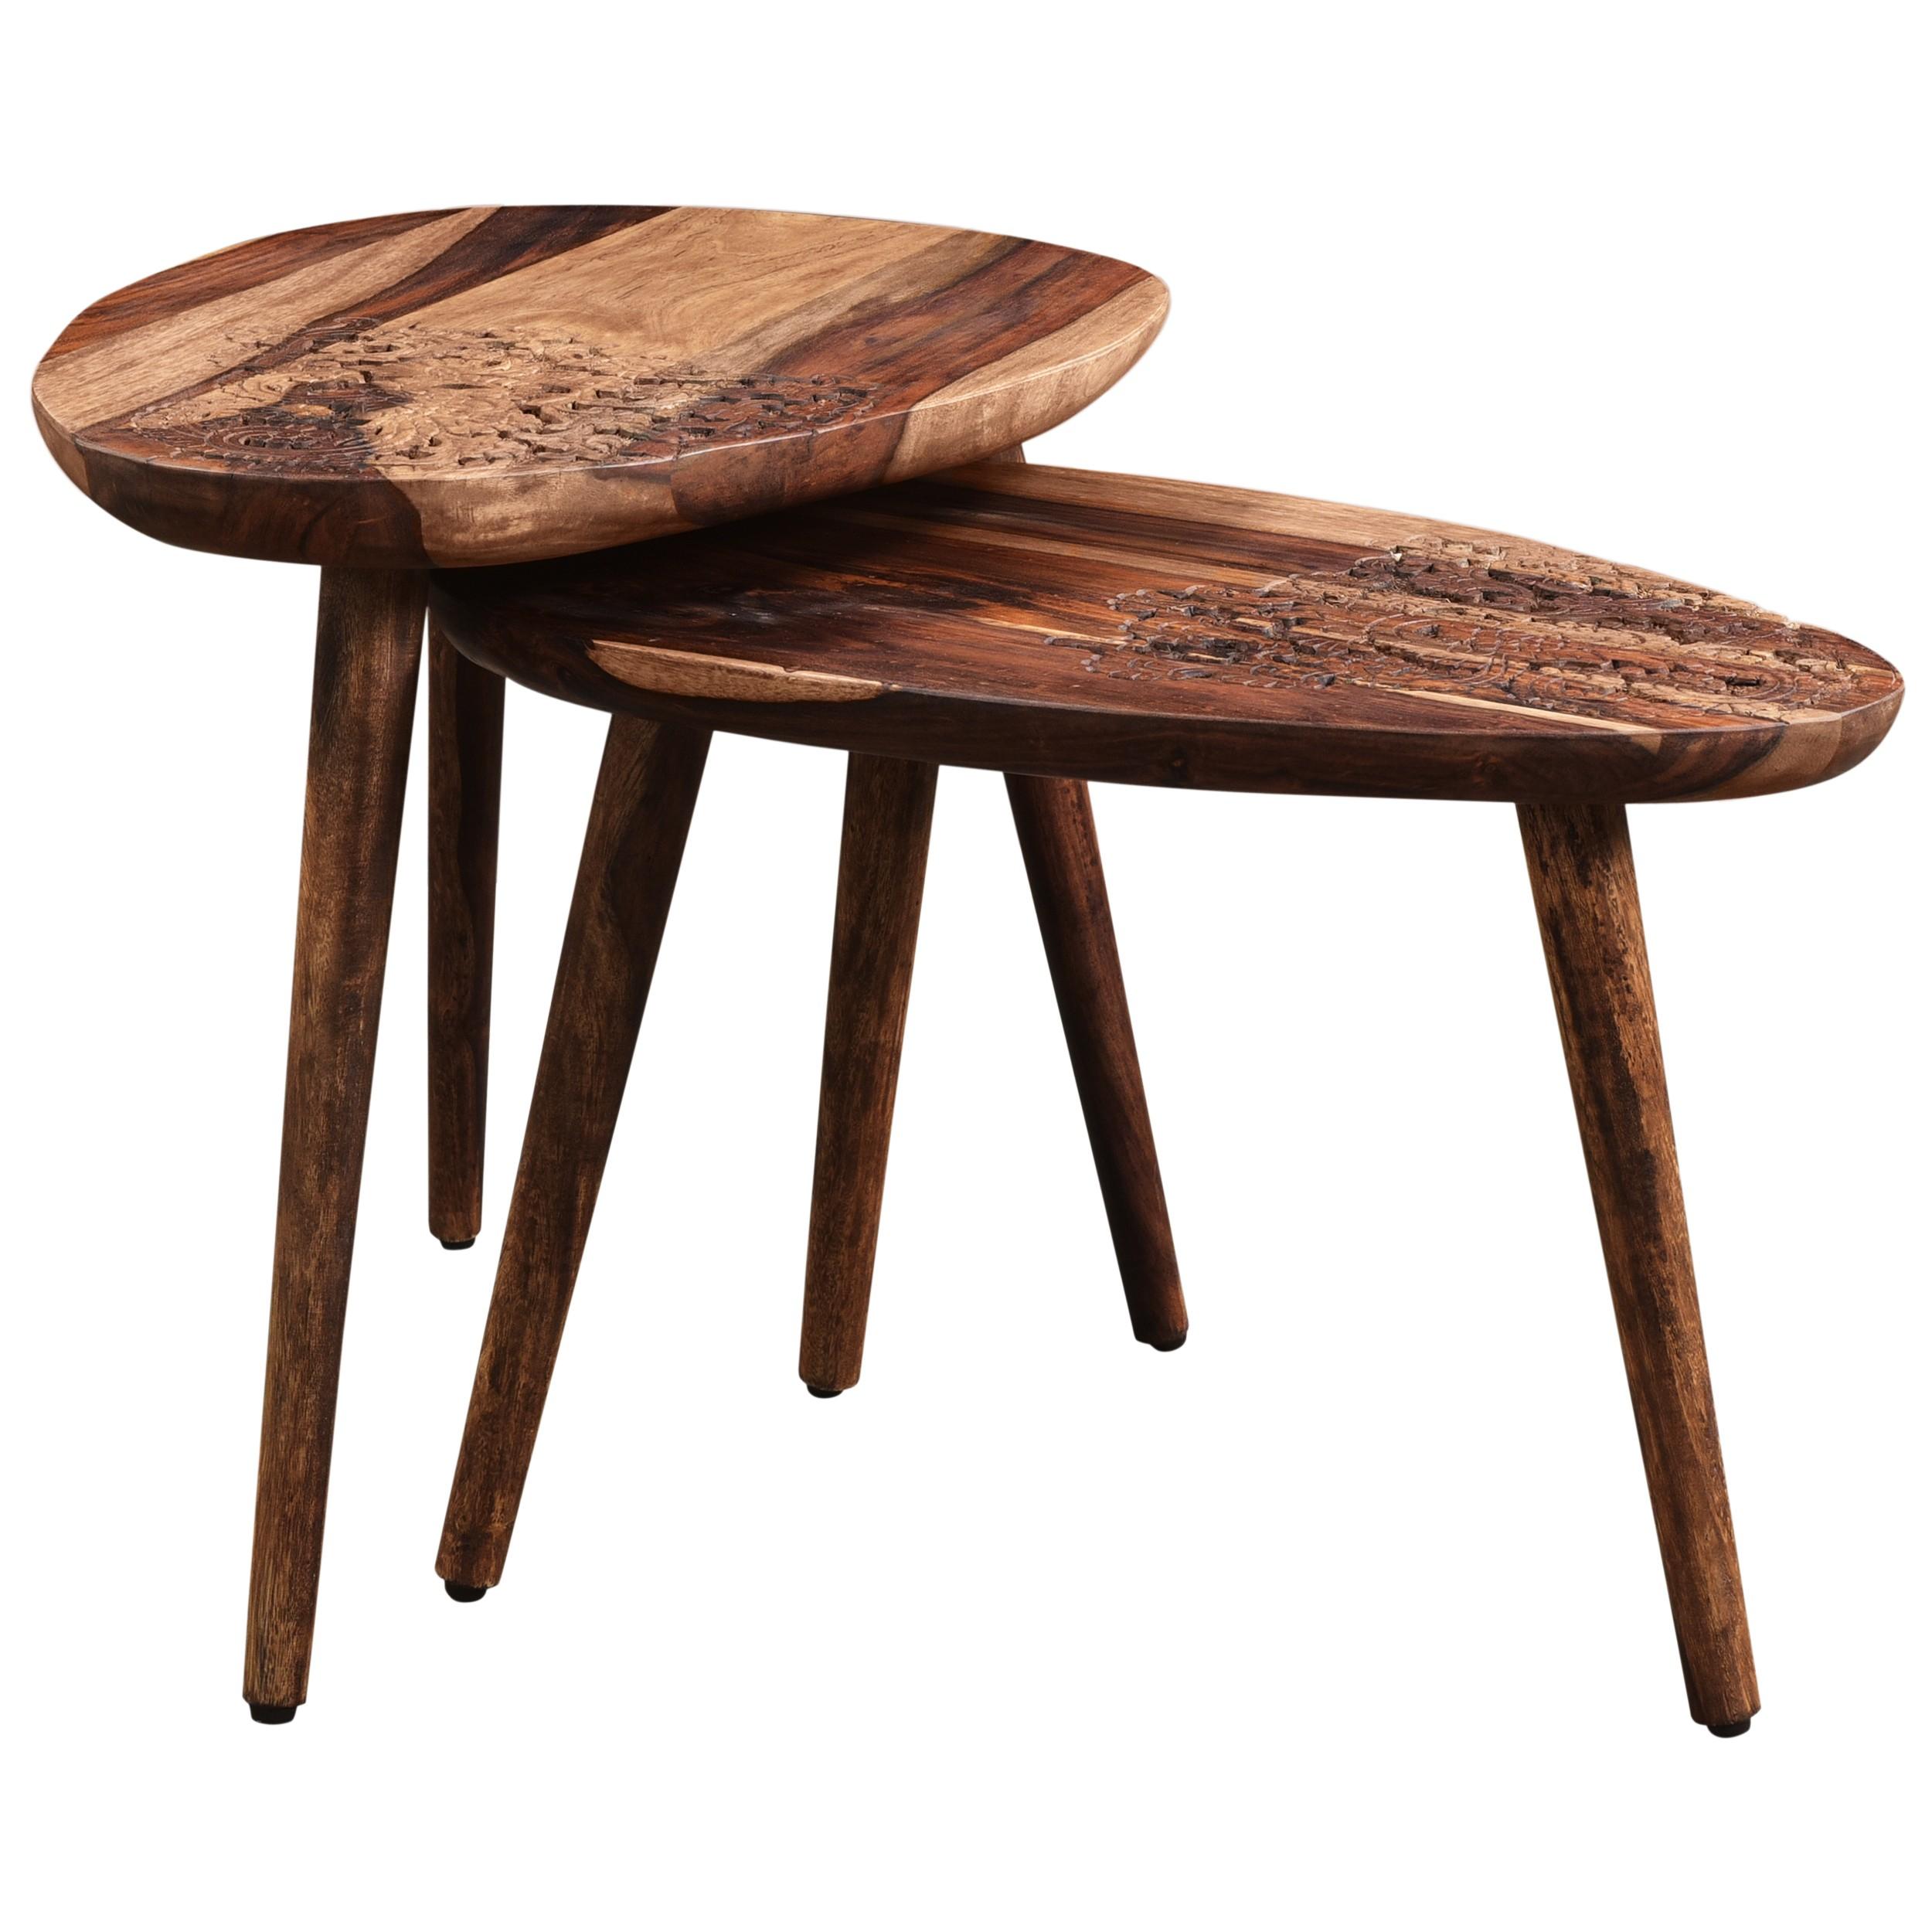 Table Basse Gonda En Bois Lot De 2 Commandez Les Tables Basses